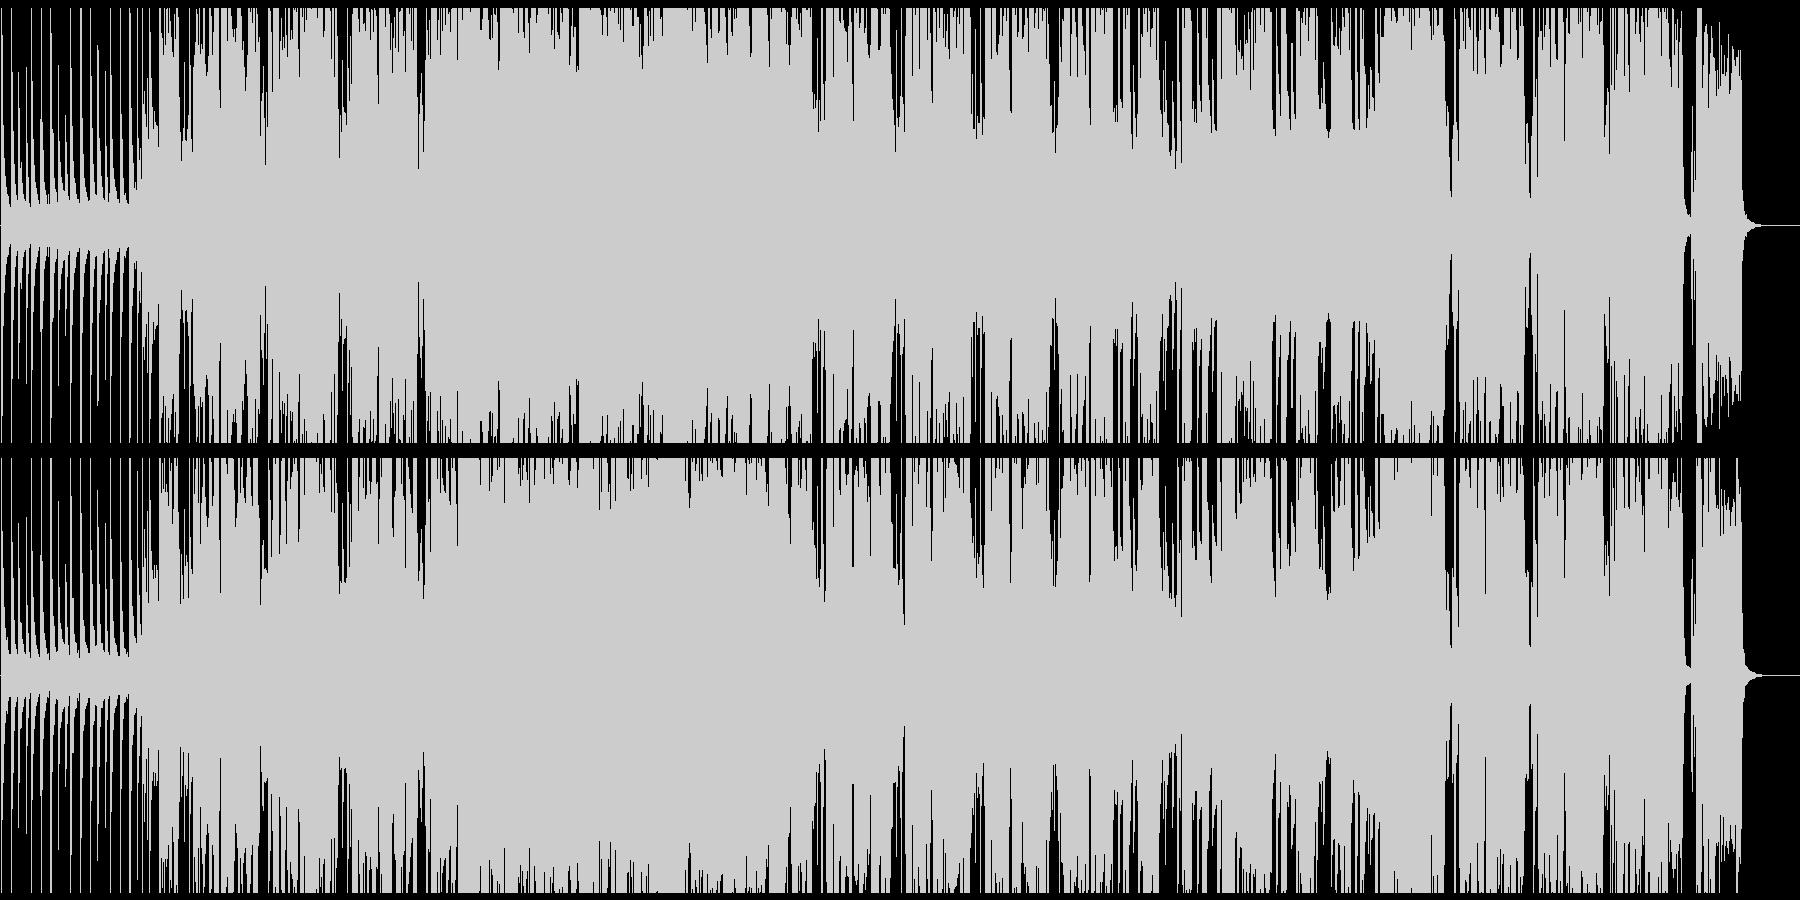 ハードロックギターインストの未再生の波形